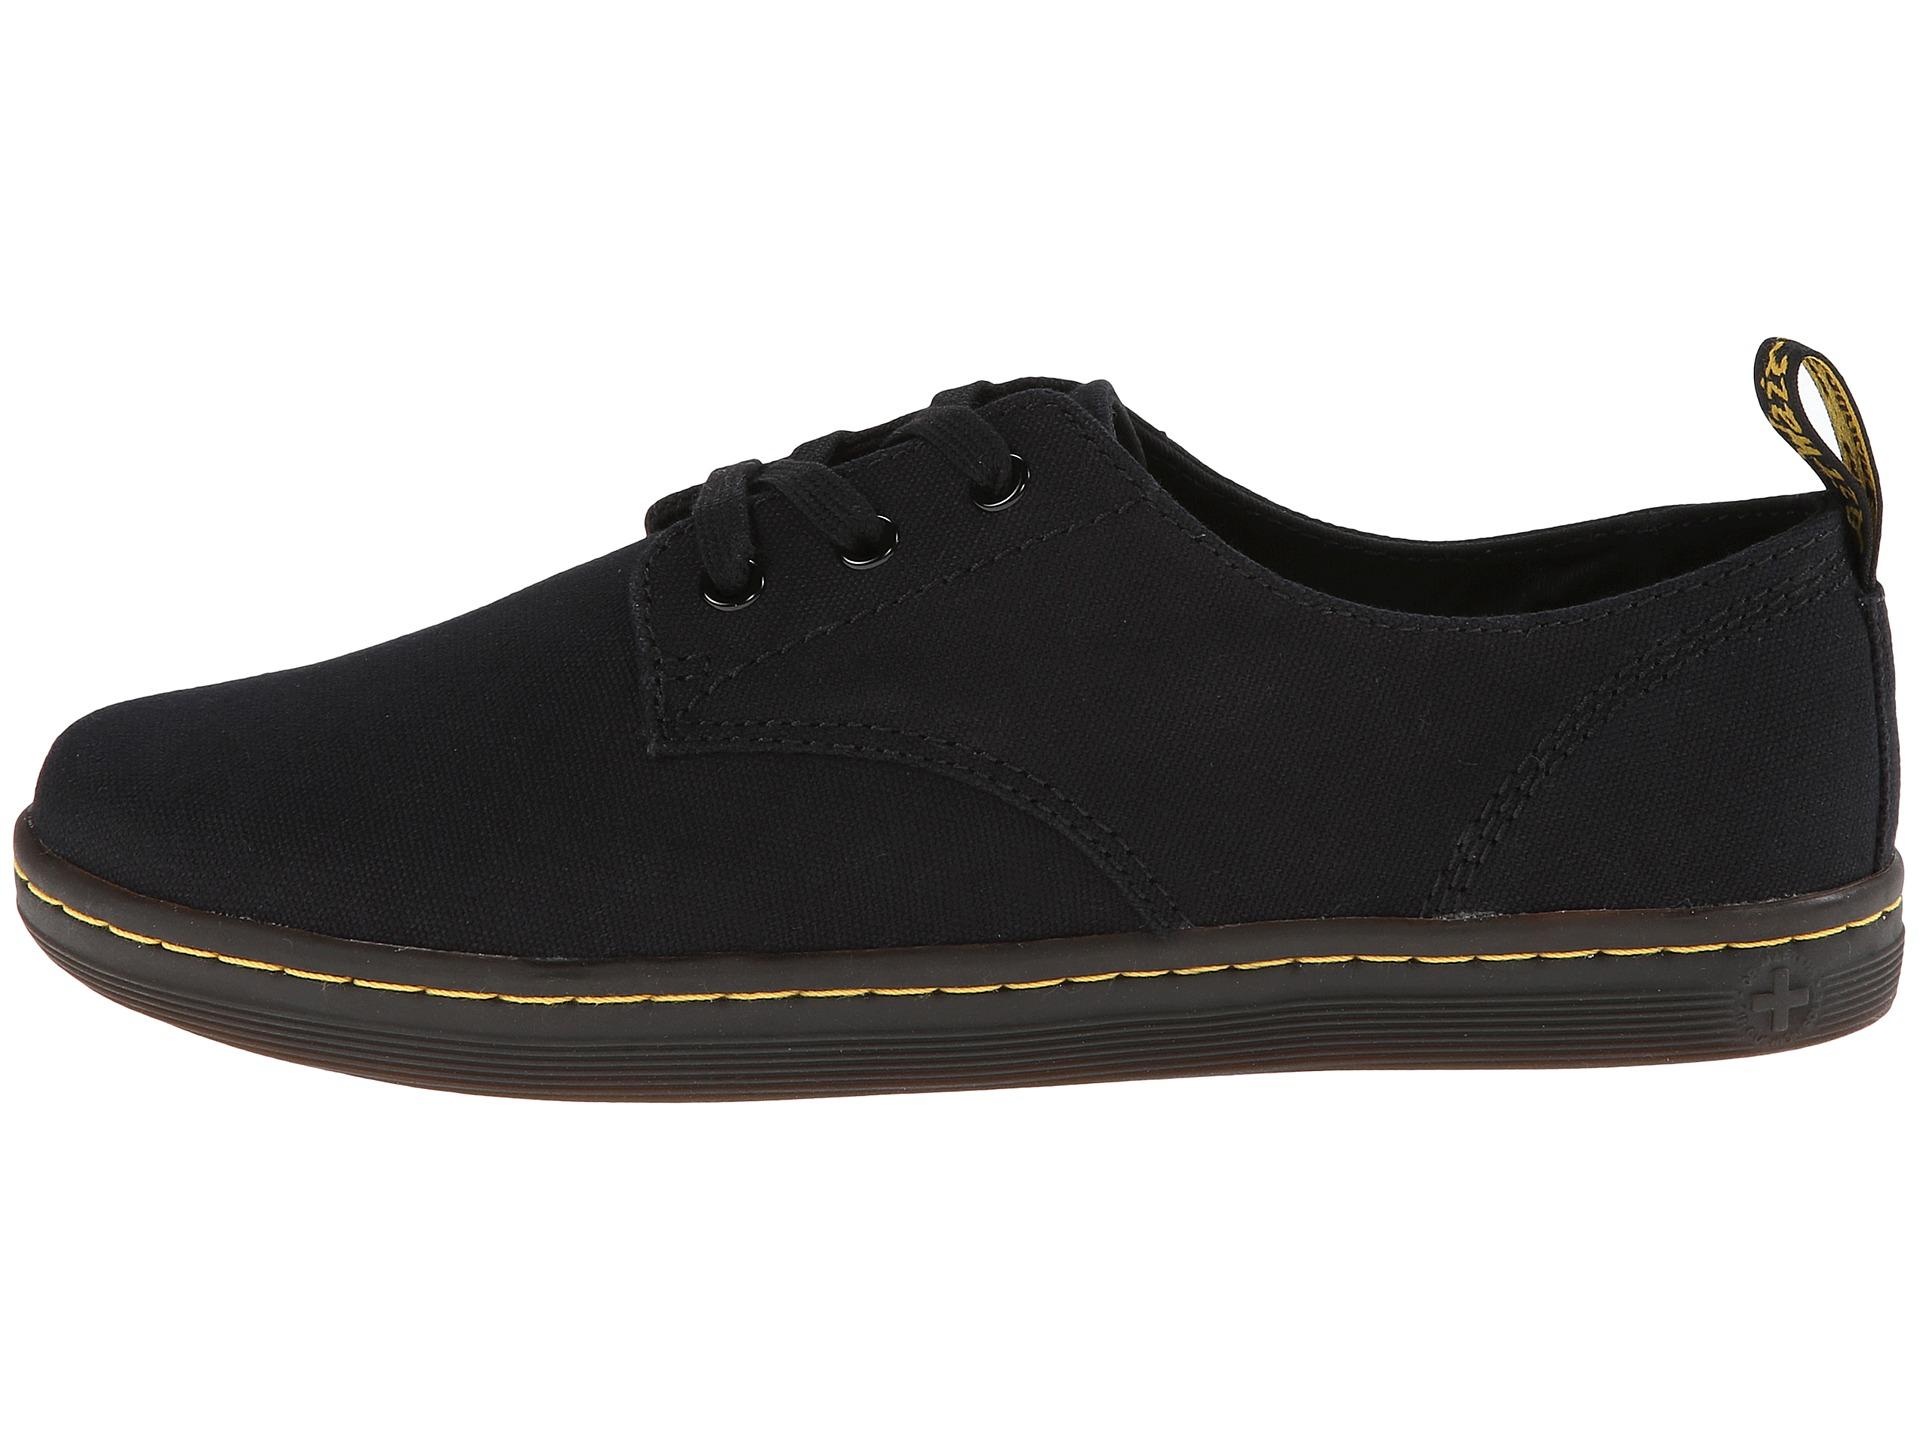 dr martens callum 3 eye shoe at zappos